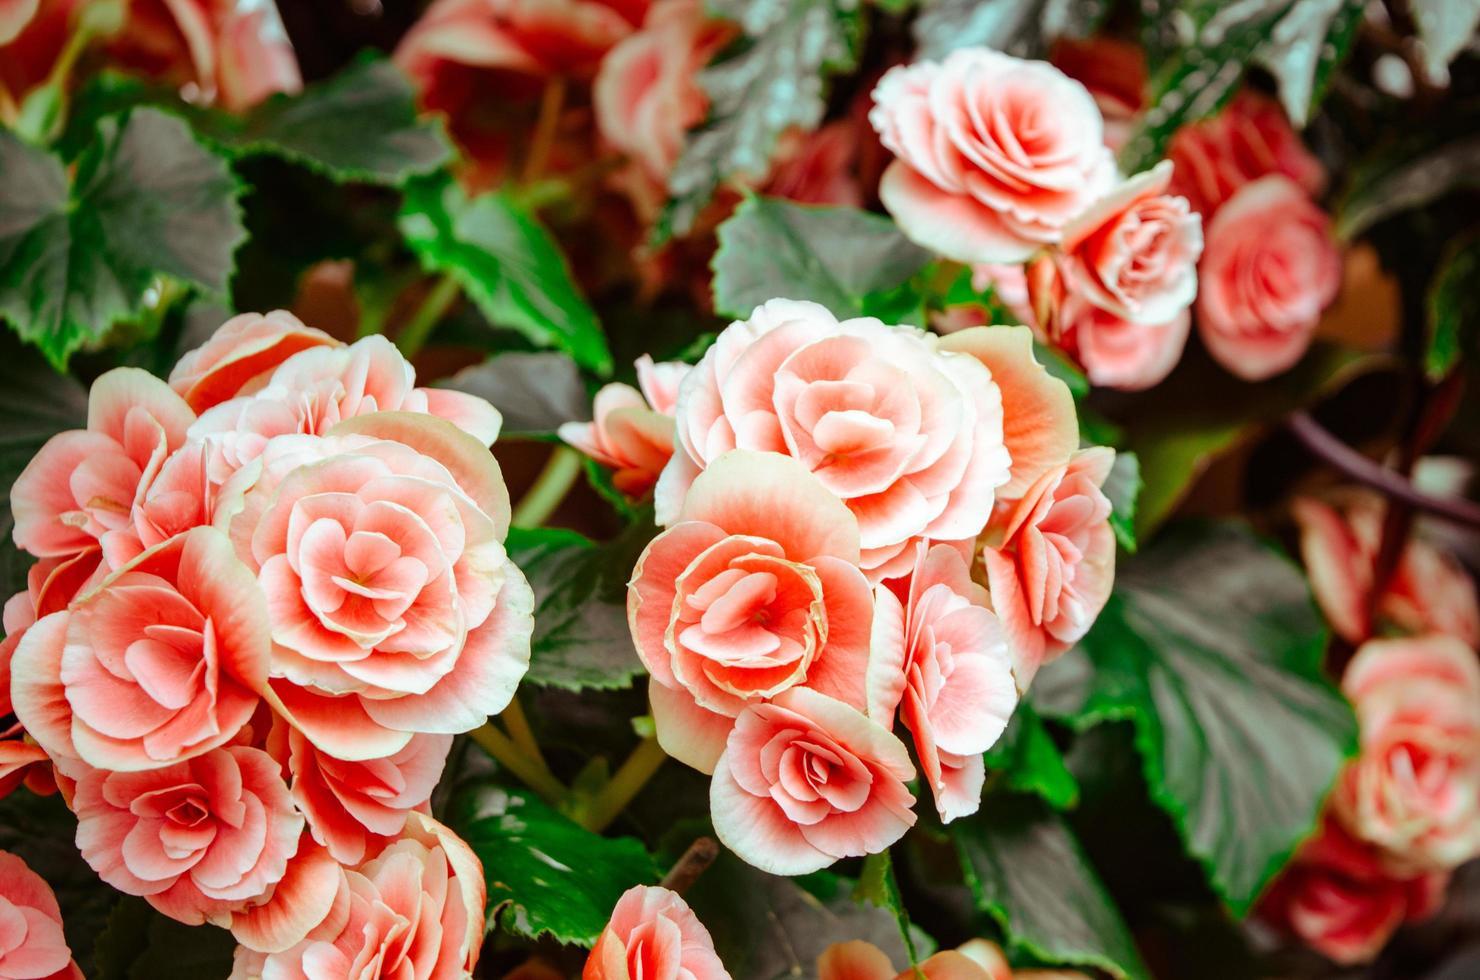 fleurs pétales roses photo